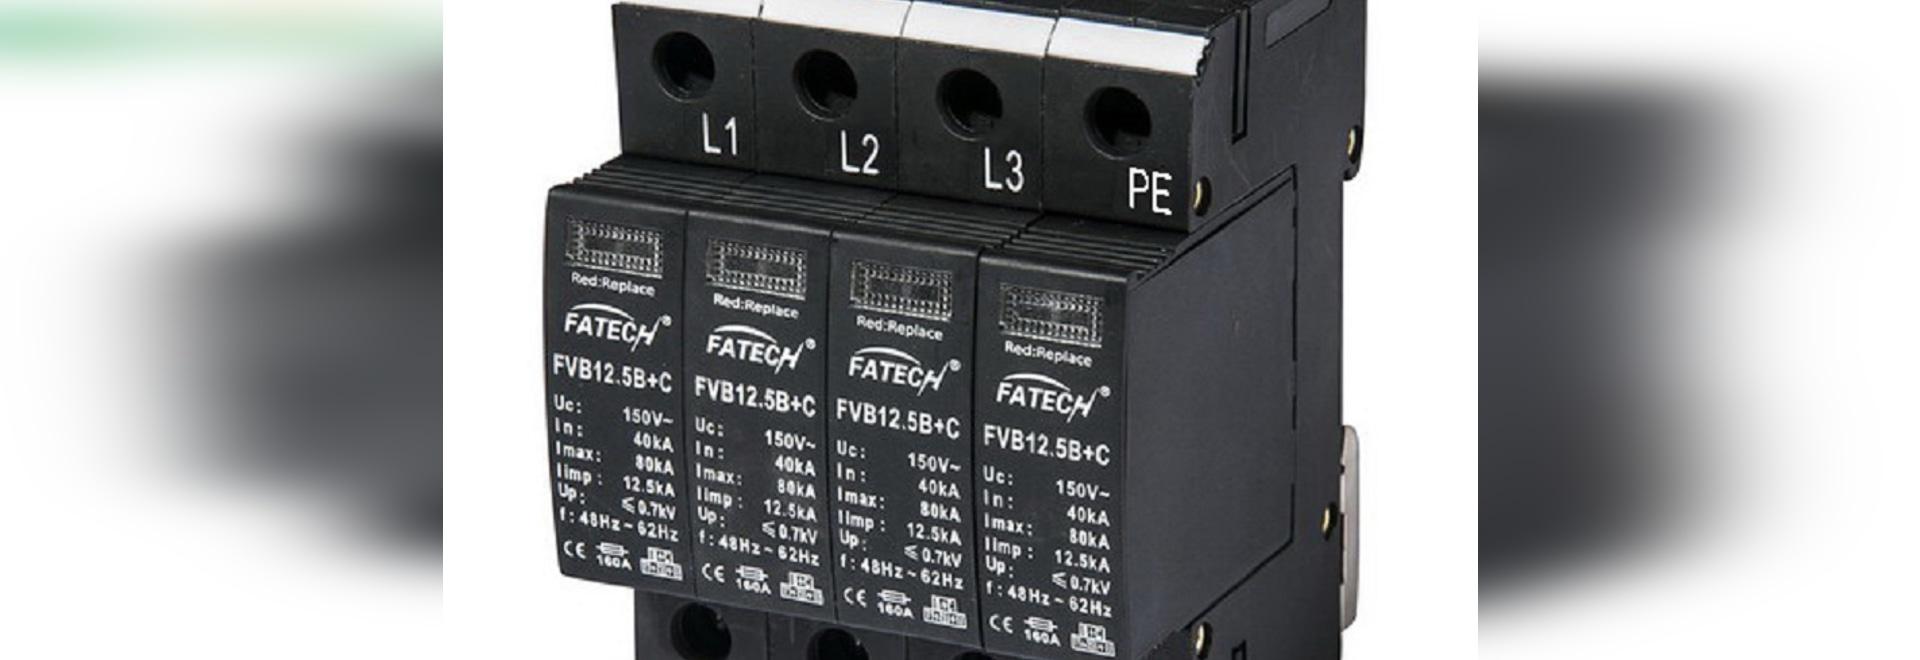 nouveau dispositif de protection de la montée subite 12.5kA